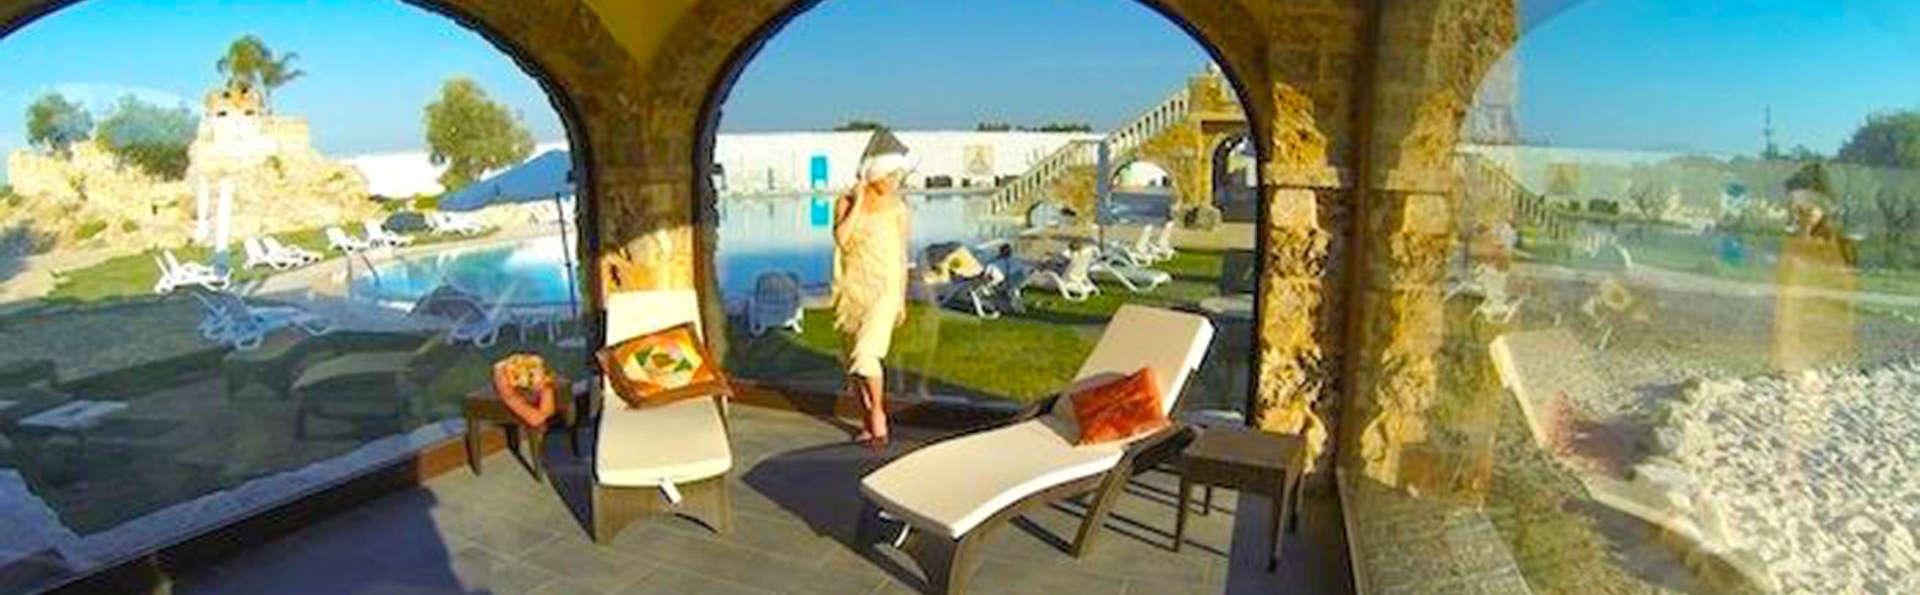 Ambiance romantique à Cellino San Marco : deux nuits en demi-pension, avec SPA inclus